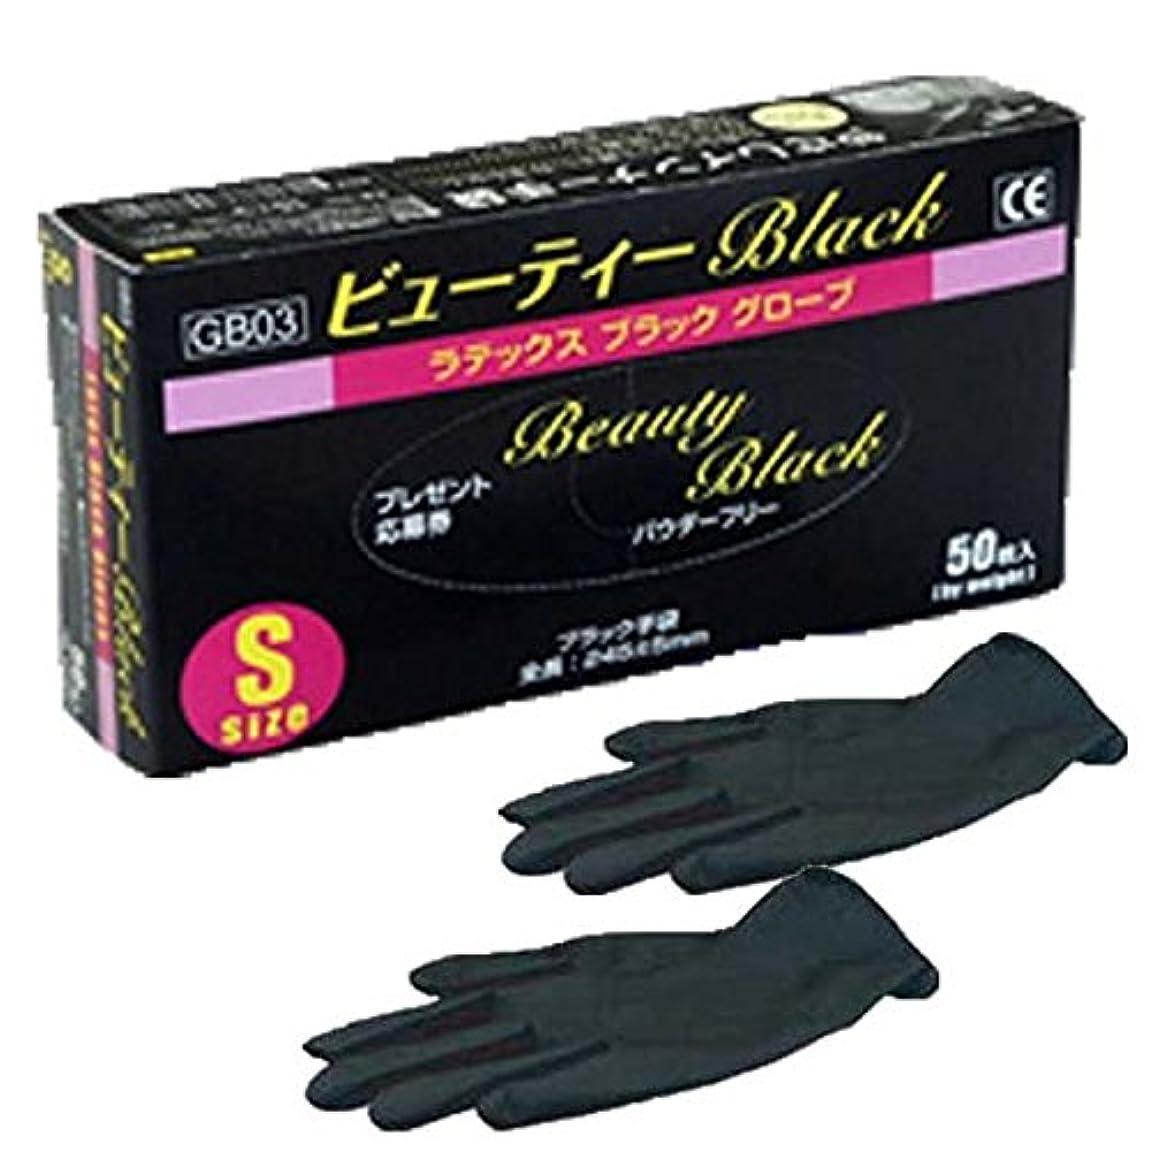 触手作り生理ビューティー BLACK ラテックス ブラック グローブ Sサイズ(6.5~7吋) 50枚入り